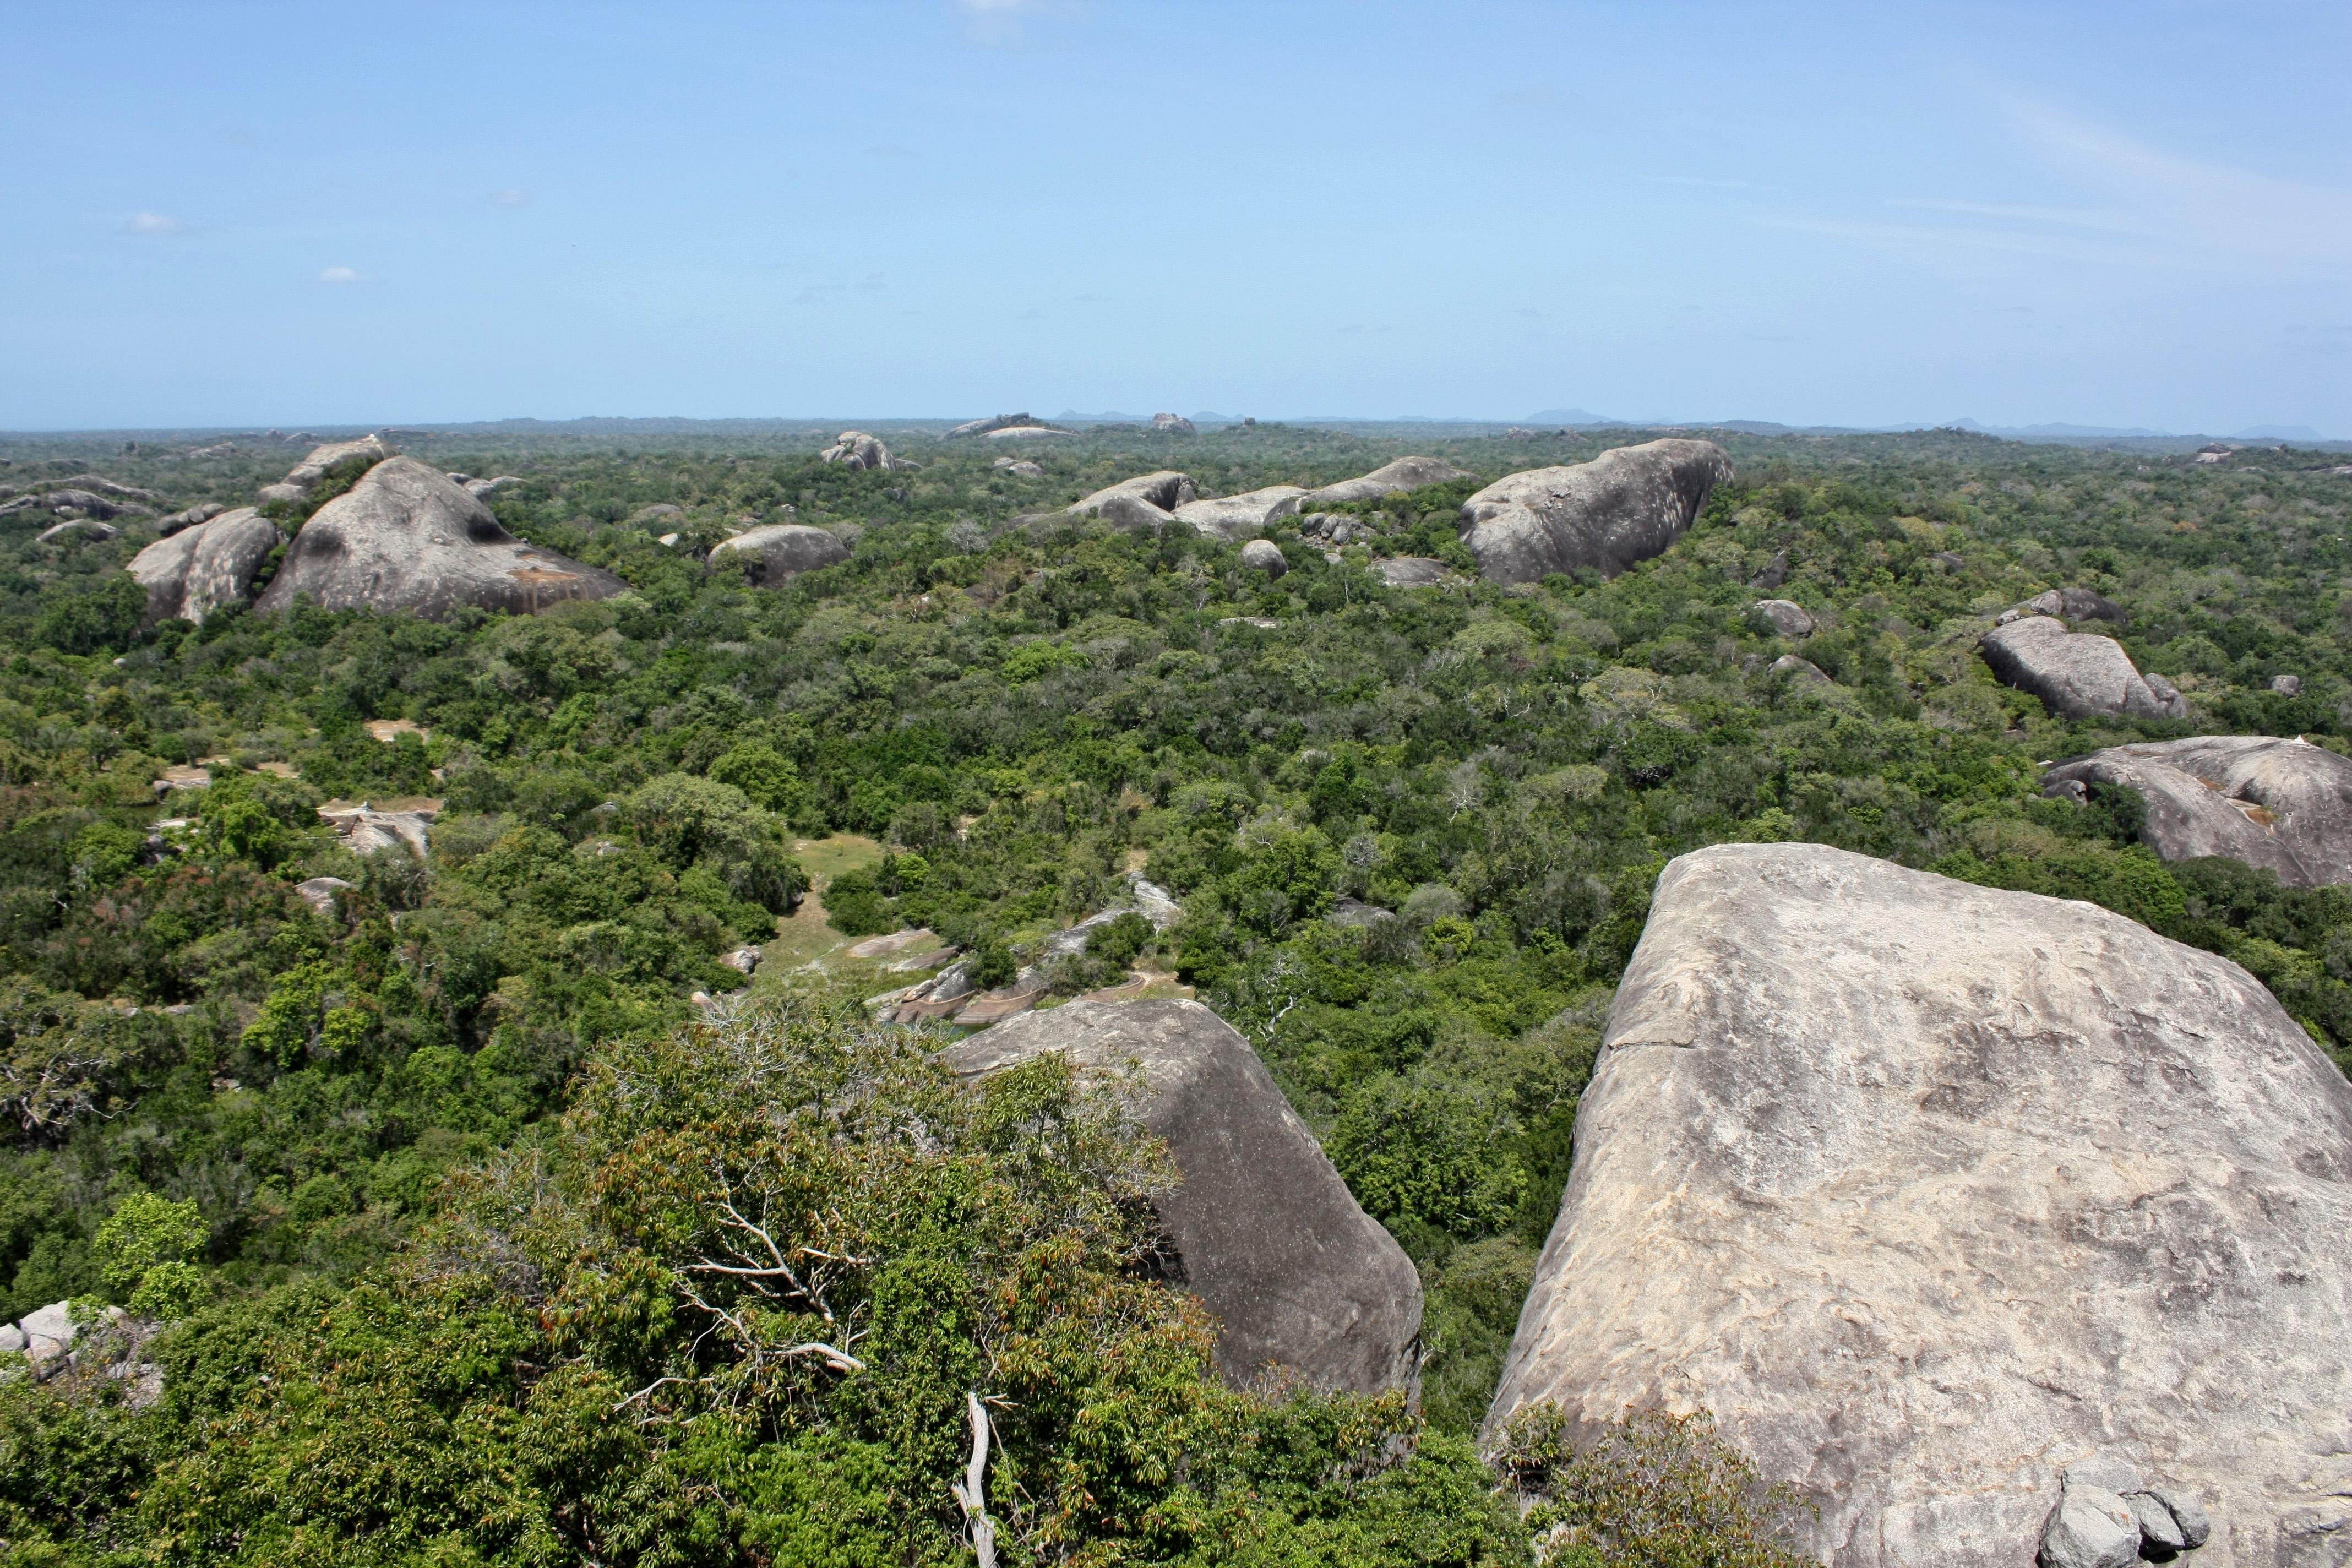 Kumana_National_Park_(Kudumbigala_Sanctuary)